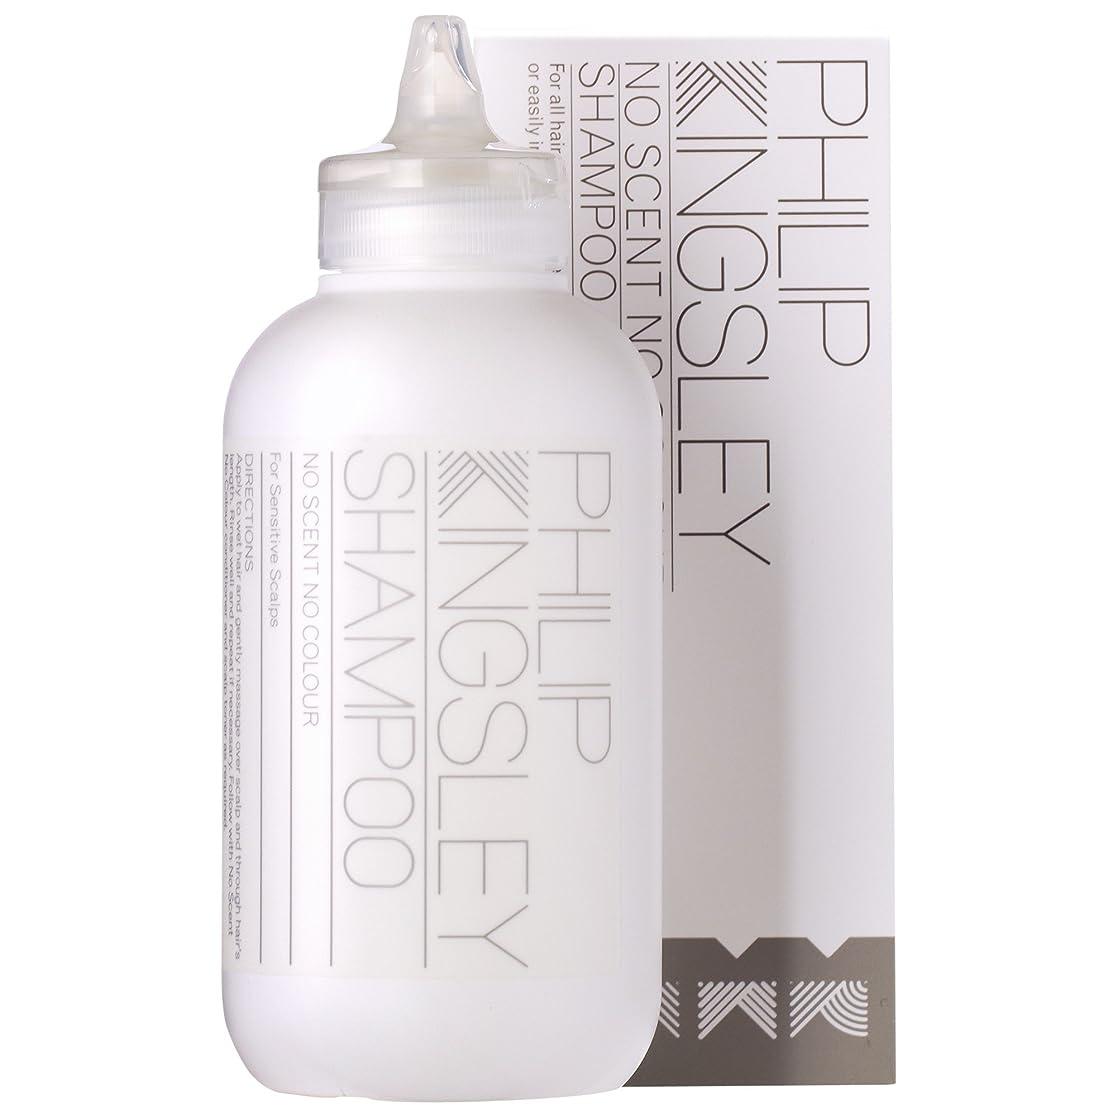 クロニクル受ける引退するフィリップは何色のシャンプー250ミリリットルない香りをキングスレーありません (Philip Kingsley) (x2) - Philip Kingsley No Scent No Colour Shampoo 250ml (Pack of 2) [並行輸入品]